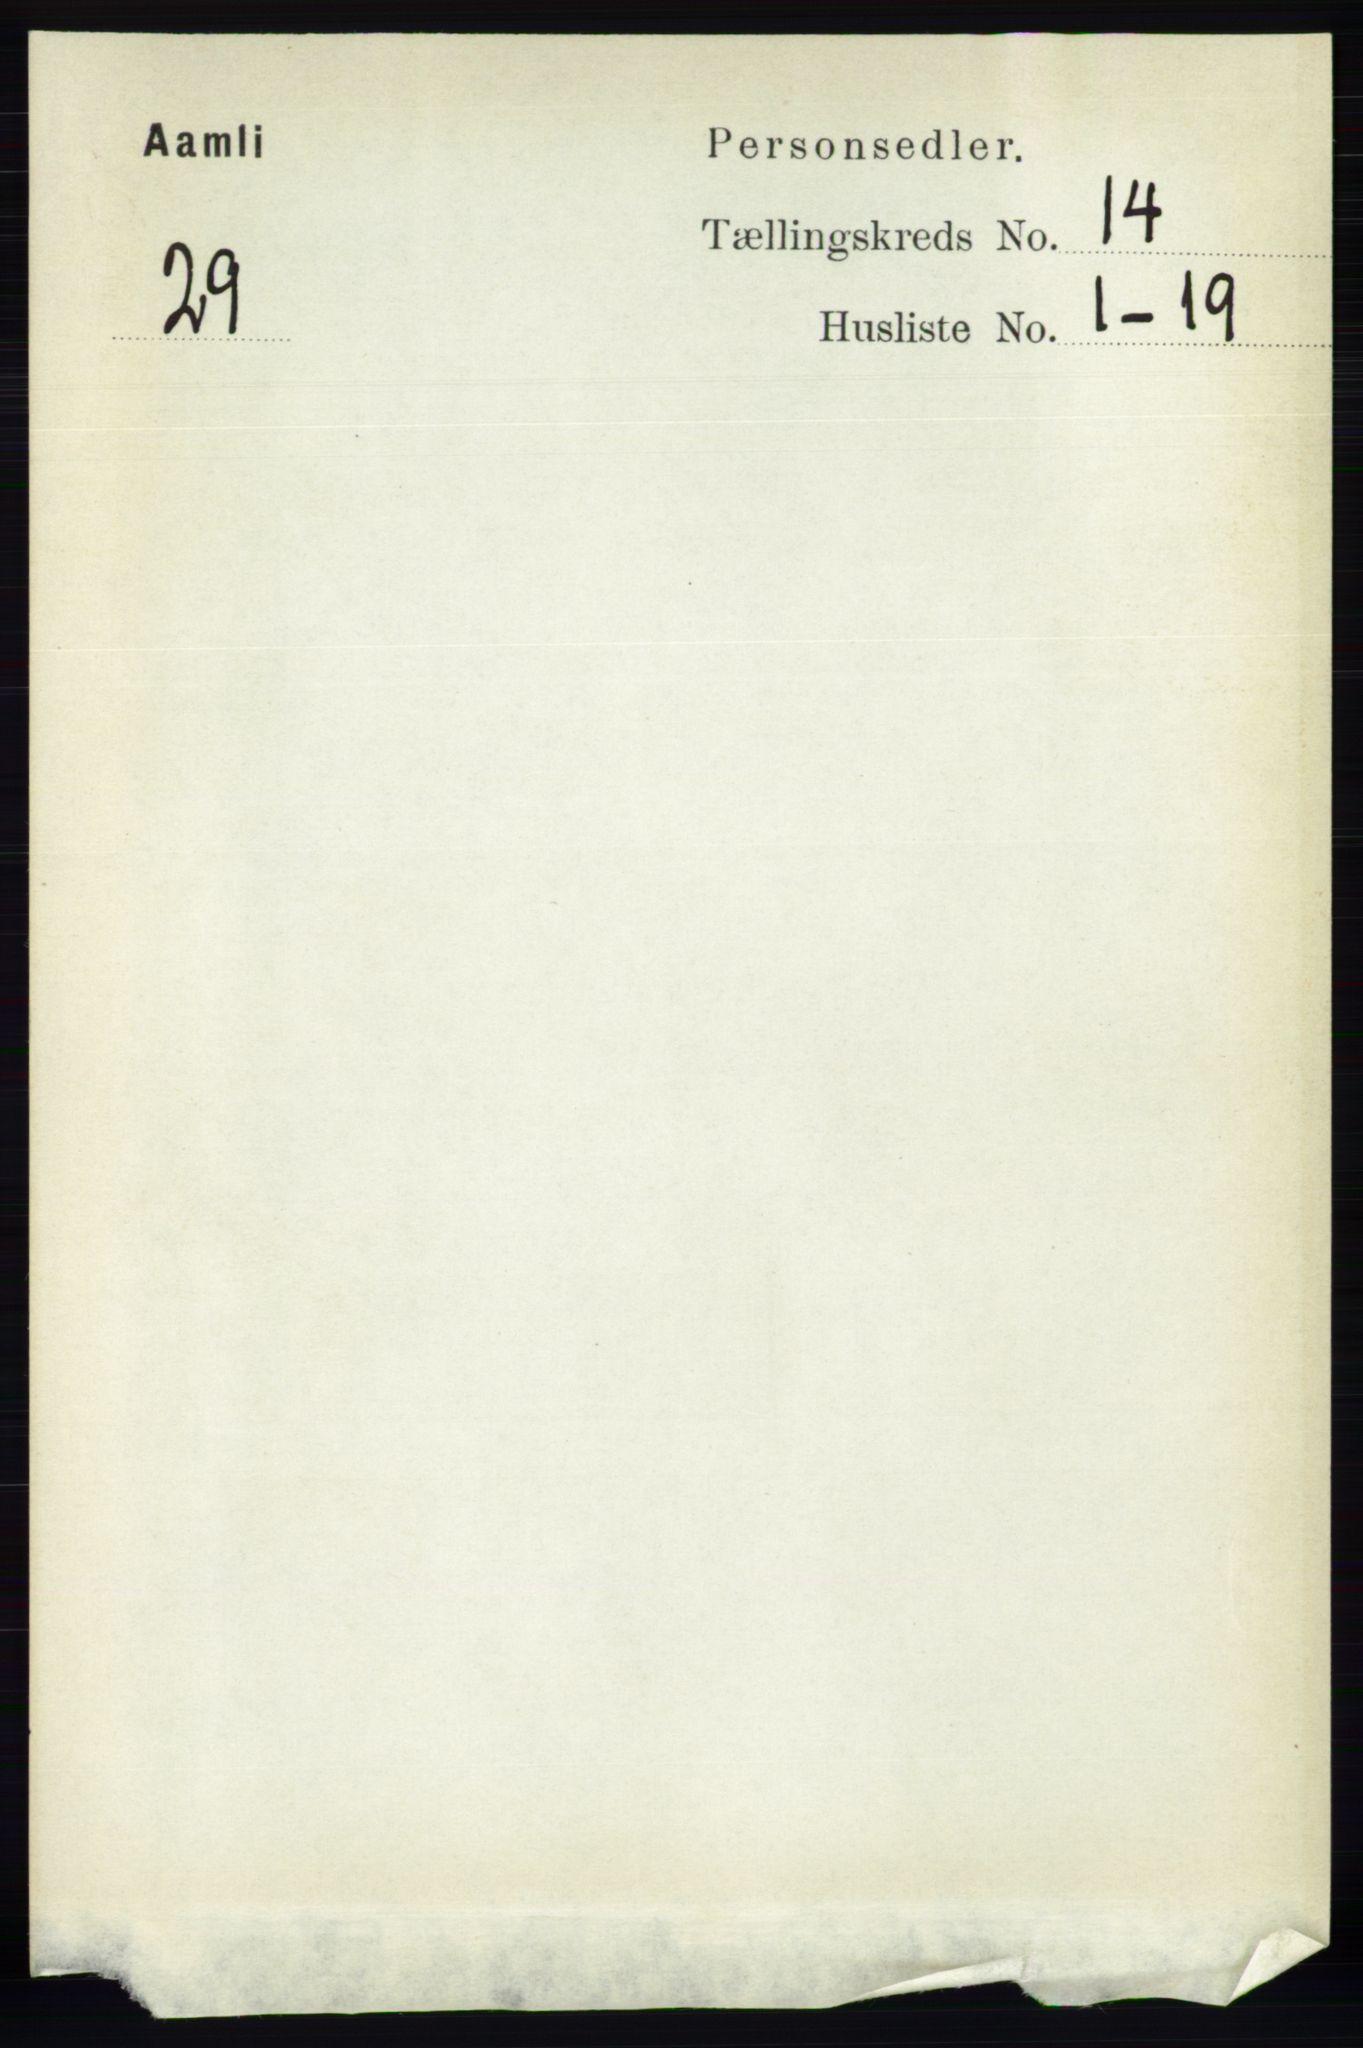 RA, Folketelling 1891 for 0929 Åmli herred, 1891, s. 2265